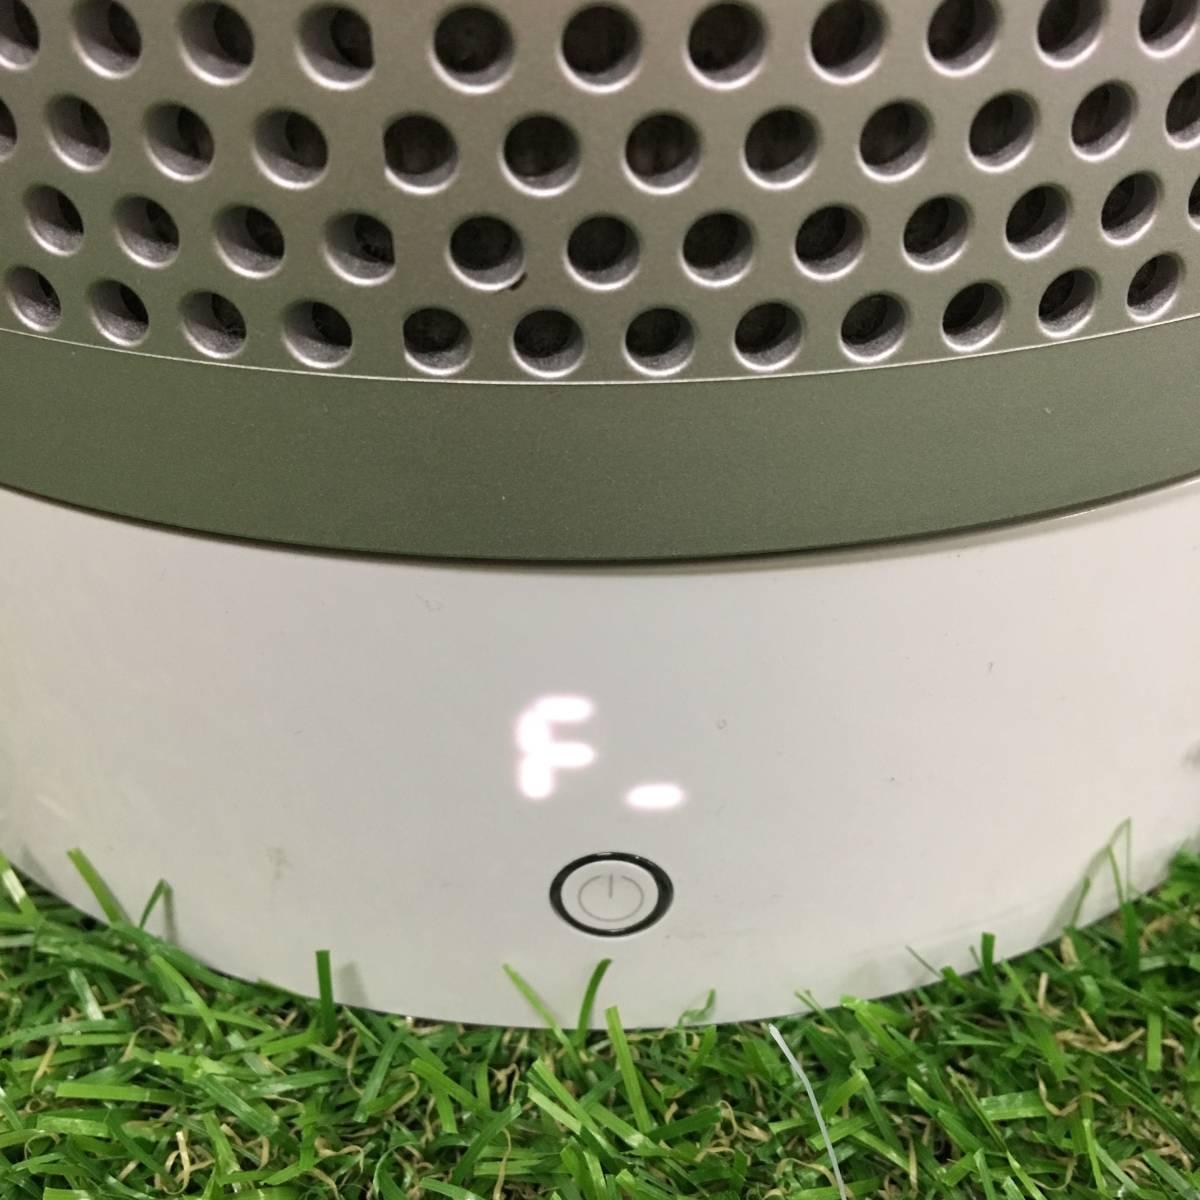 dyson ダイソン タワーファン ピュアクール 空気清浄機 扇風機 AM11 リモコンなし ホワイト _画像6